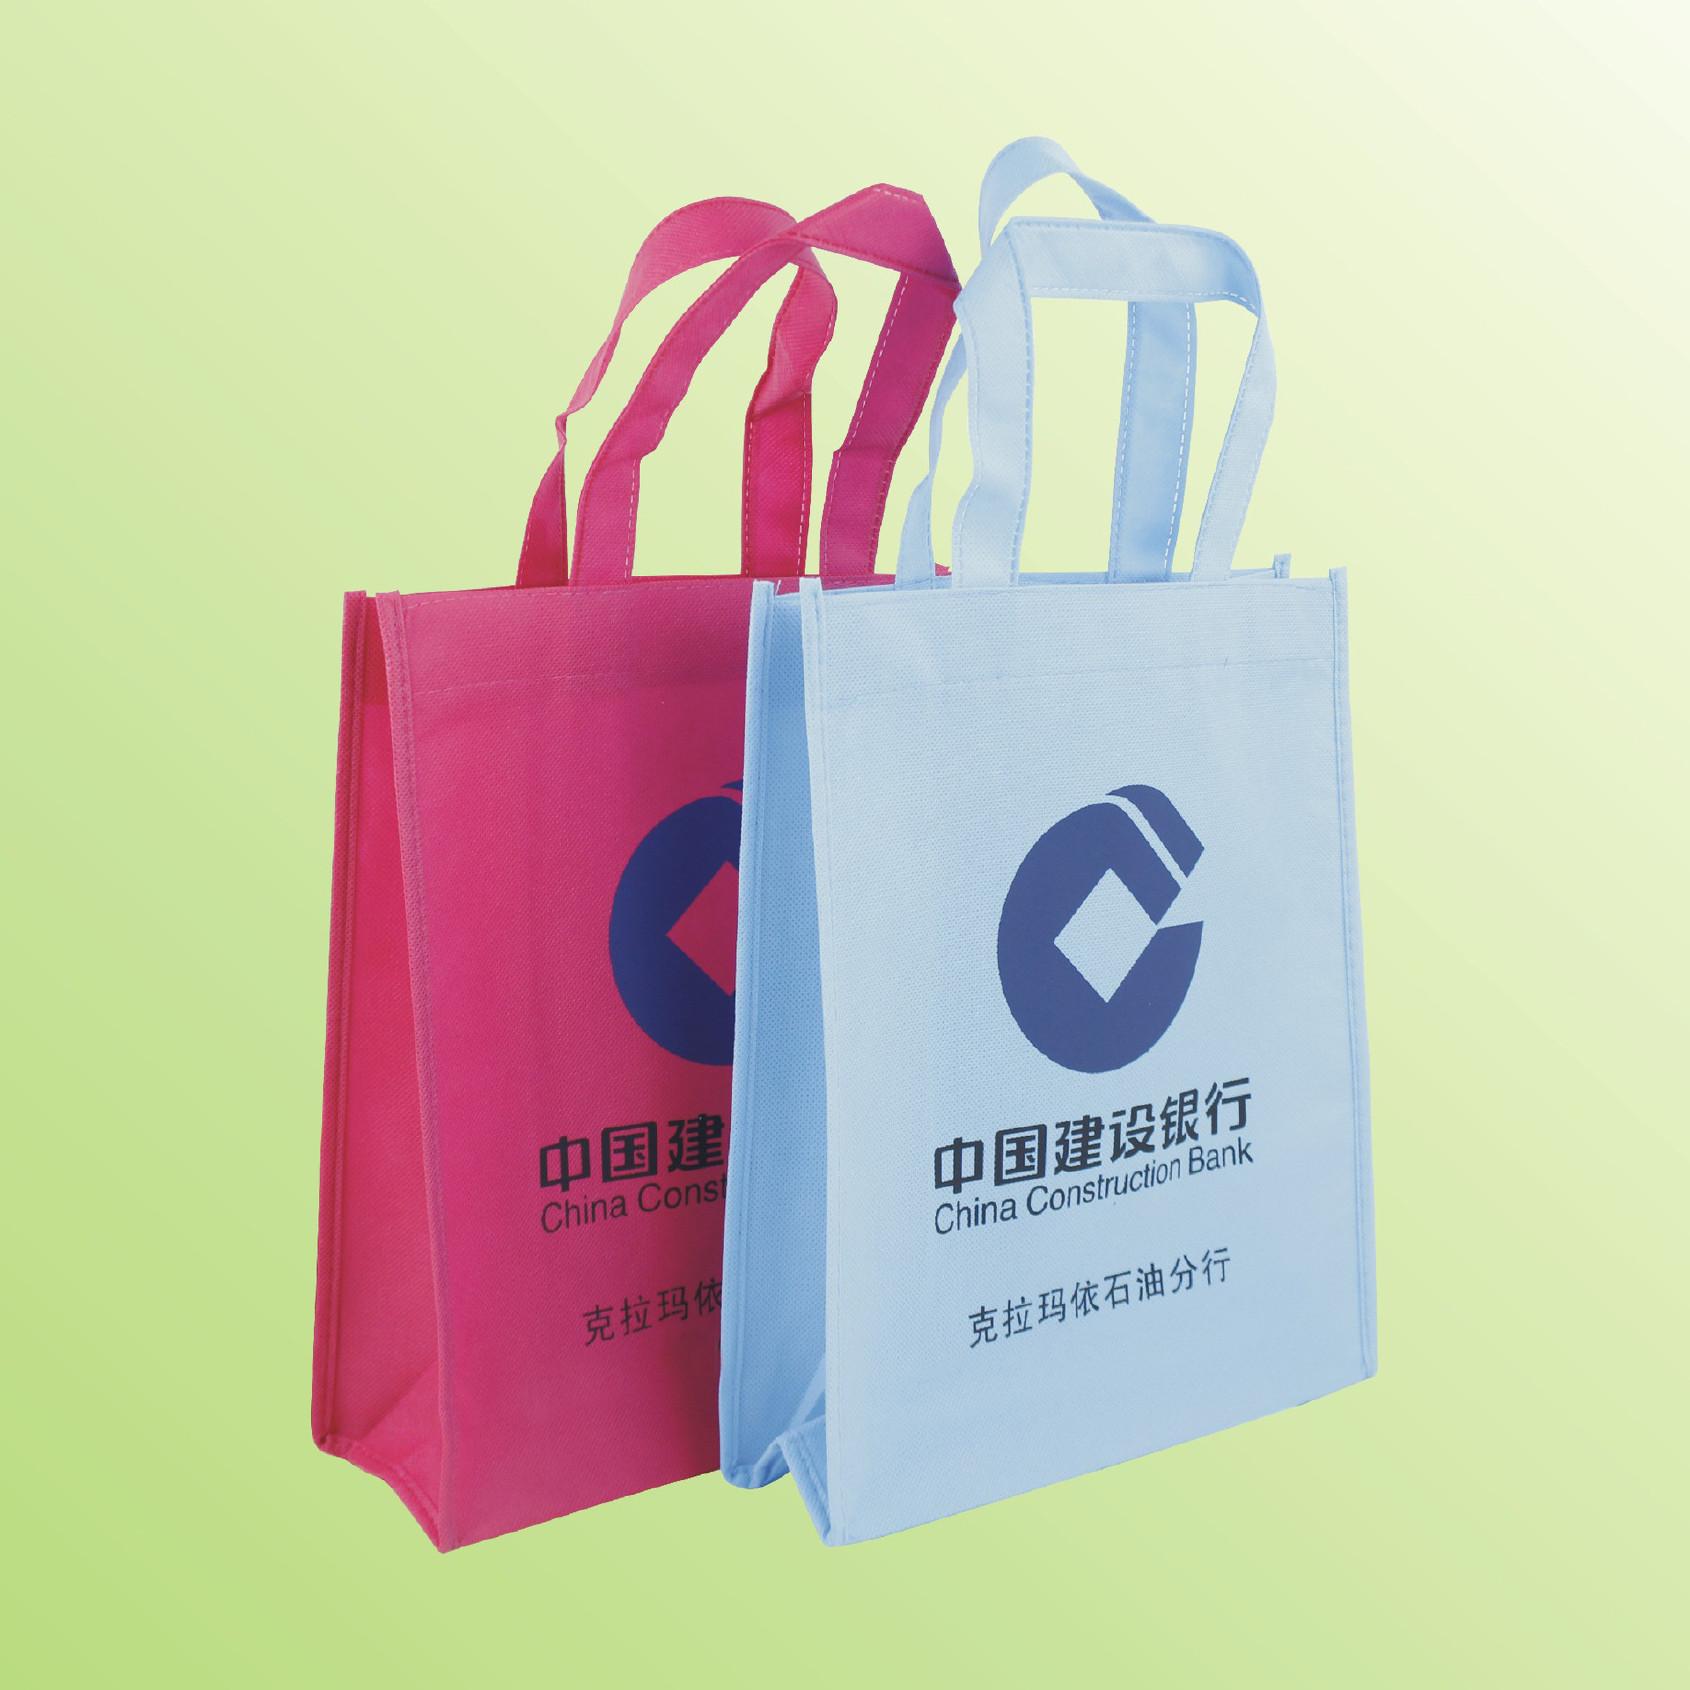 订做复膜无纺布环保袋覆膜编织袋手提袋购物袋礼品袋环保袋礼品袋图片